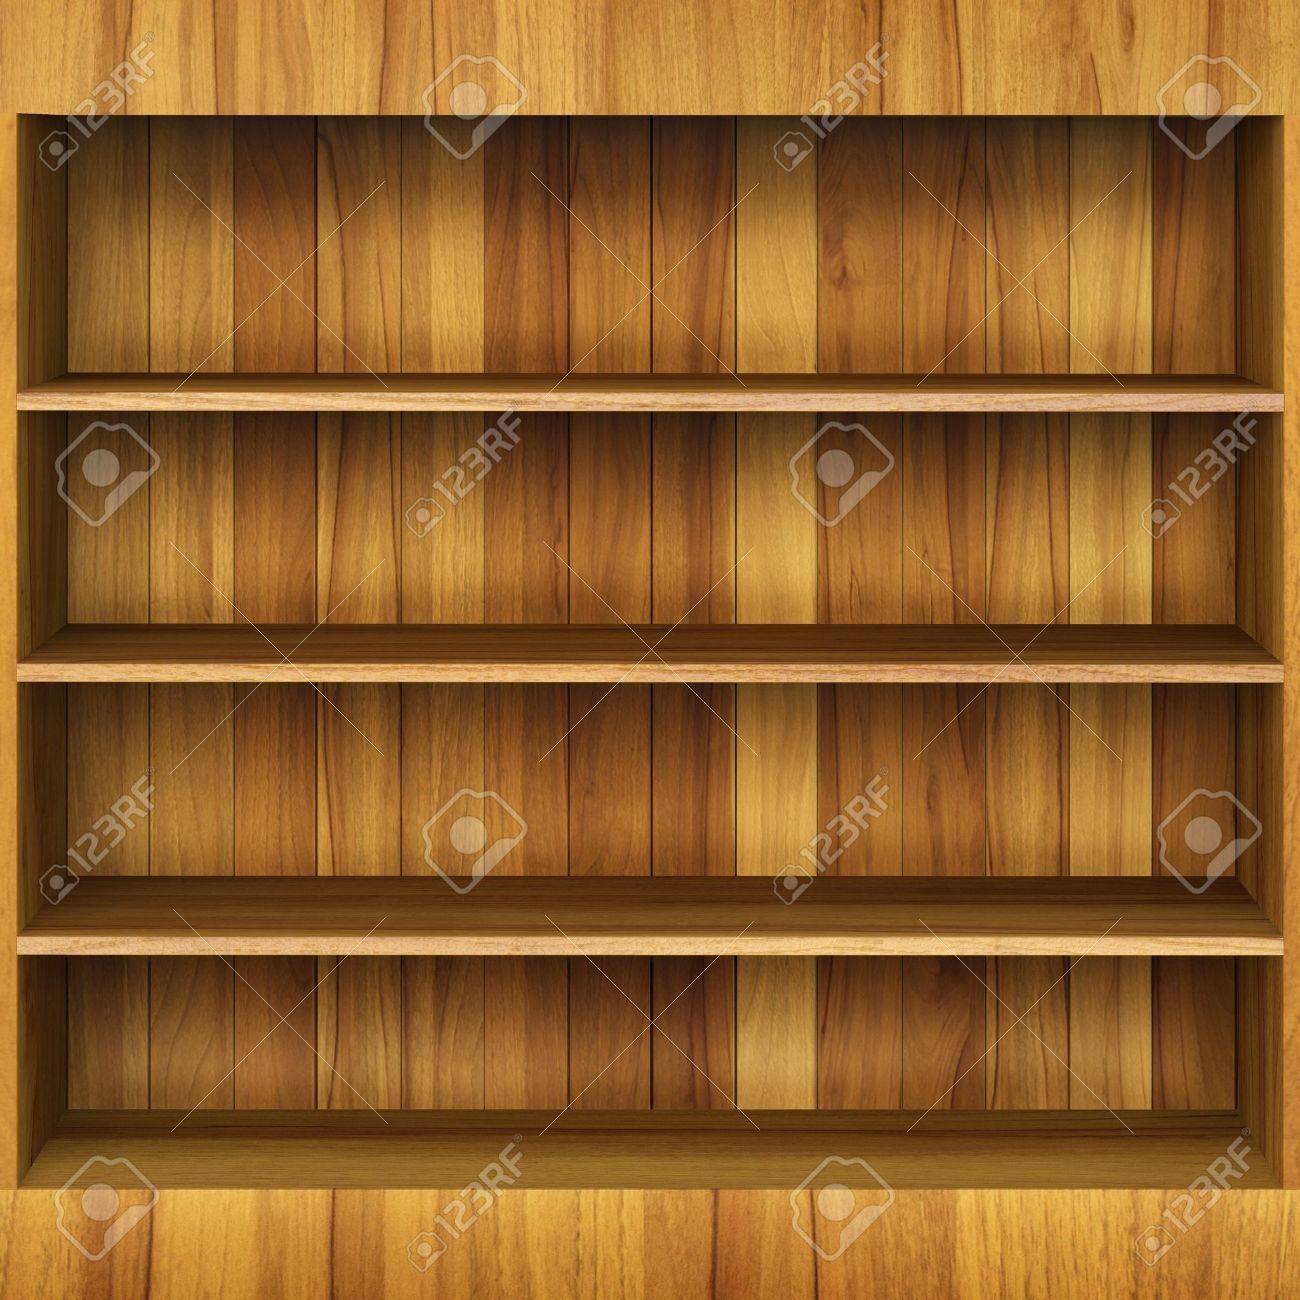 Realistic 3d illustration of modern wooden bookshelf against ston - Blank Shelf 3d Wooden Book Shelf Stock Photo